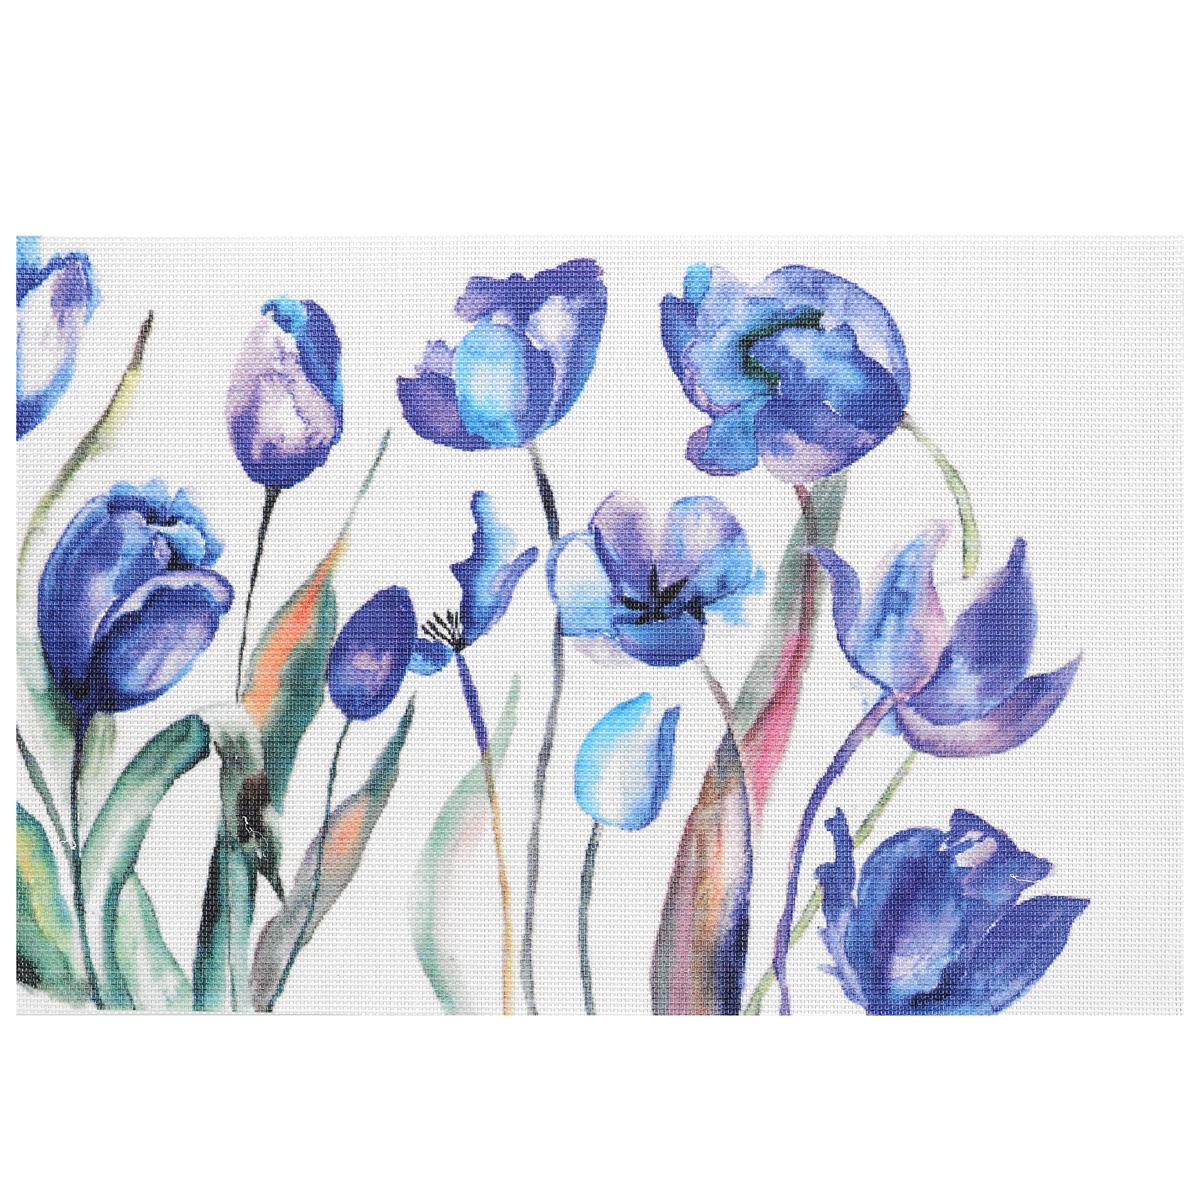 цена на Подставка под горячее Hans & Gretchen Синие цветы, 45 х 30 см. 28HZ-9013